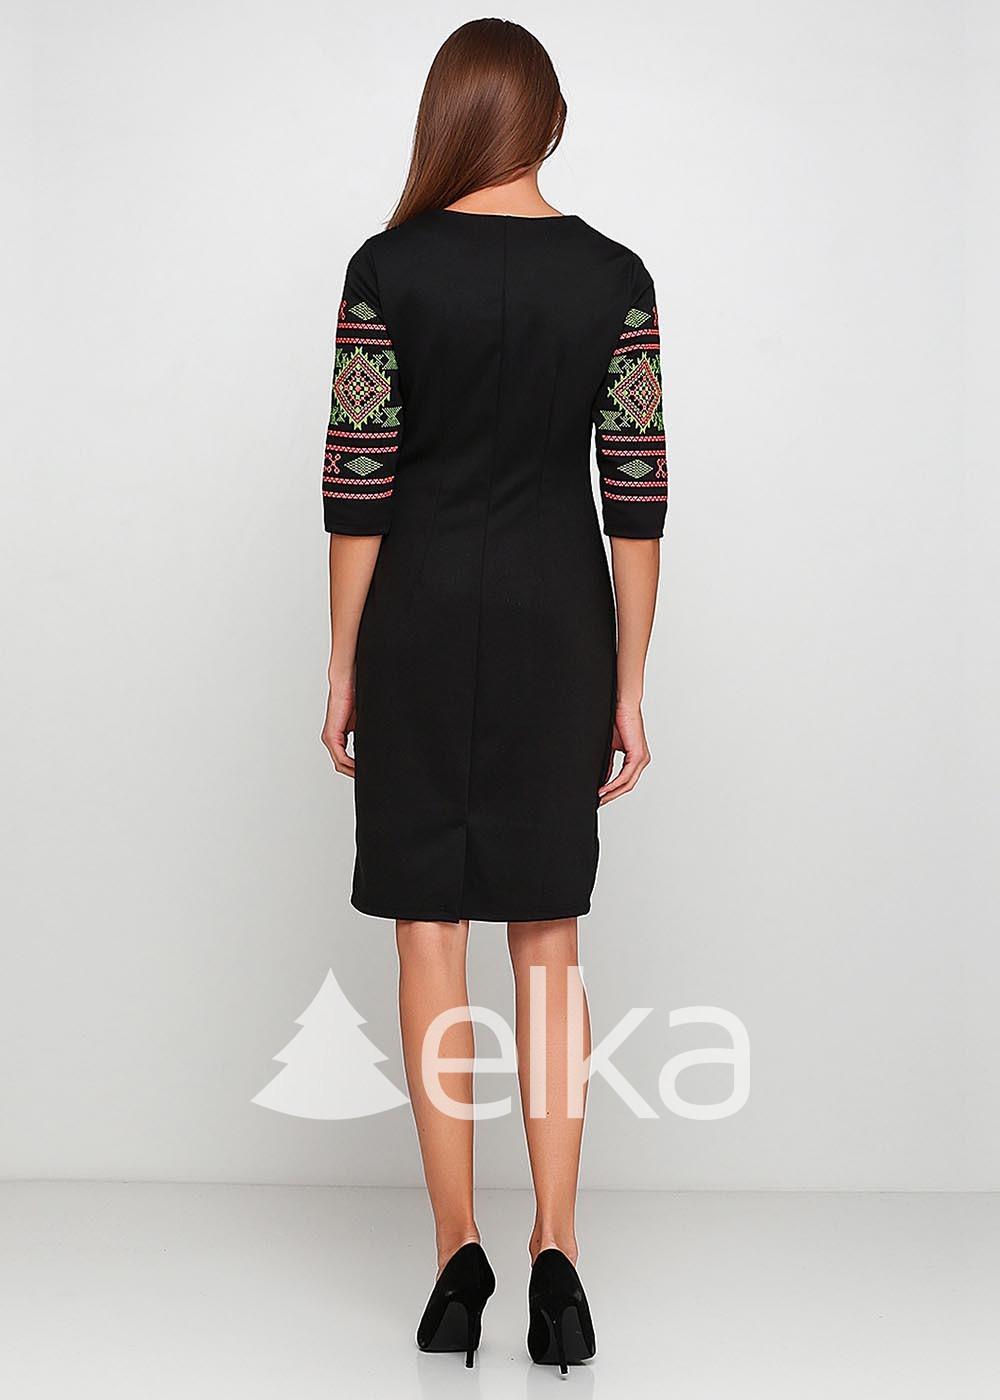 Вышитое платье Этель